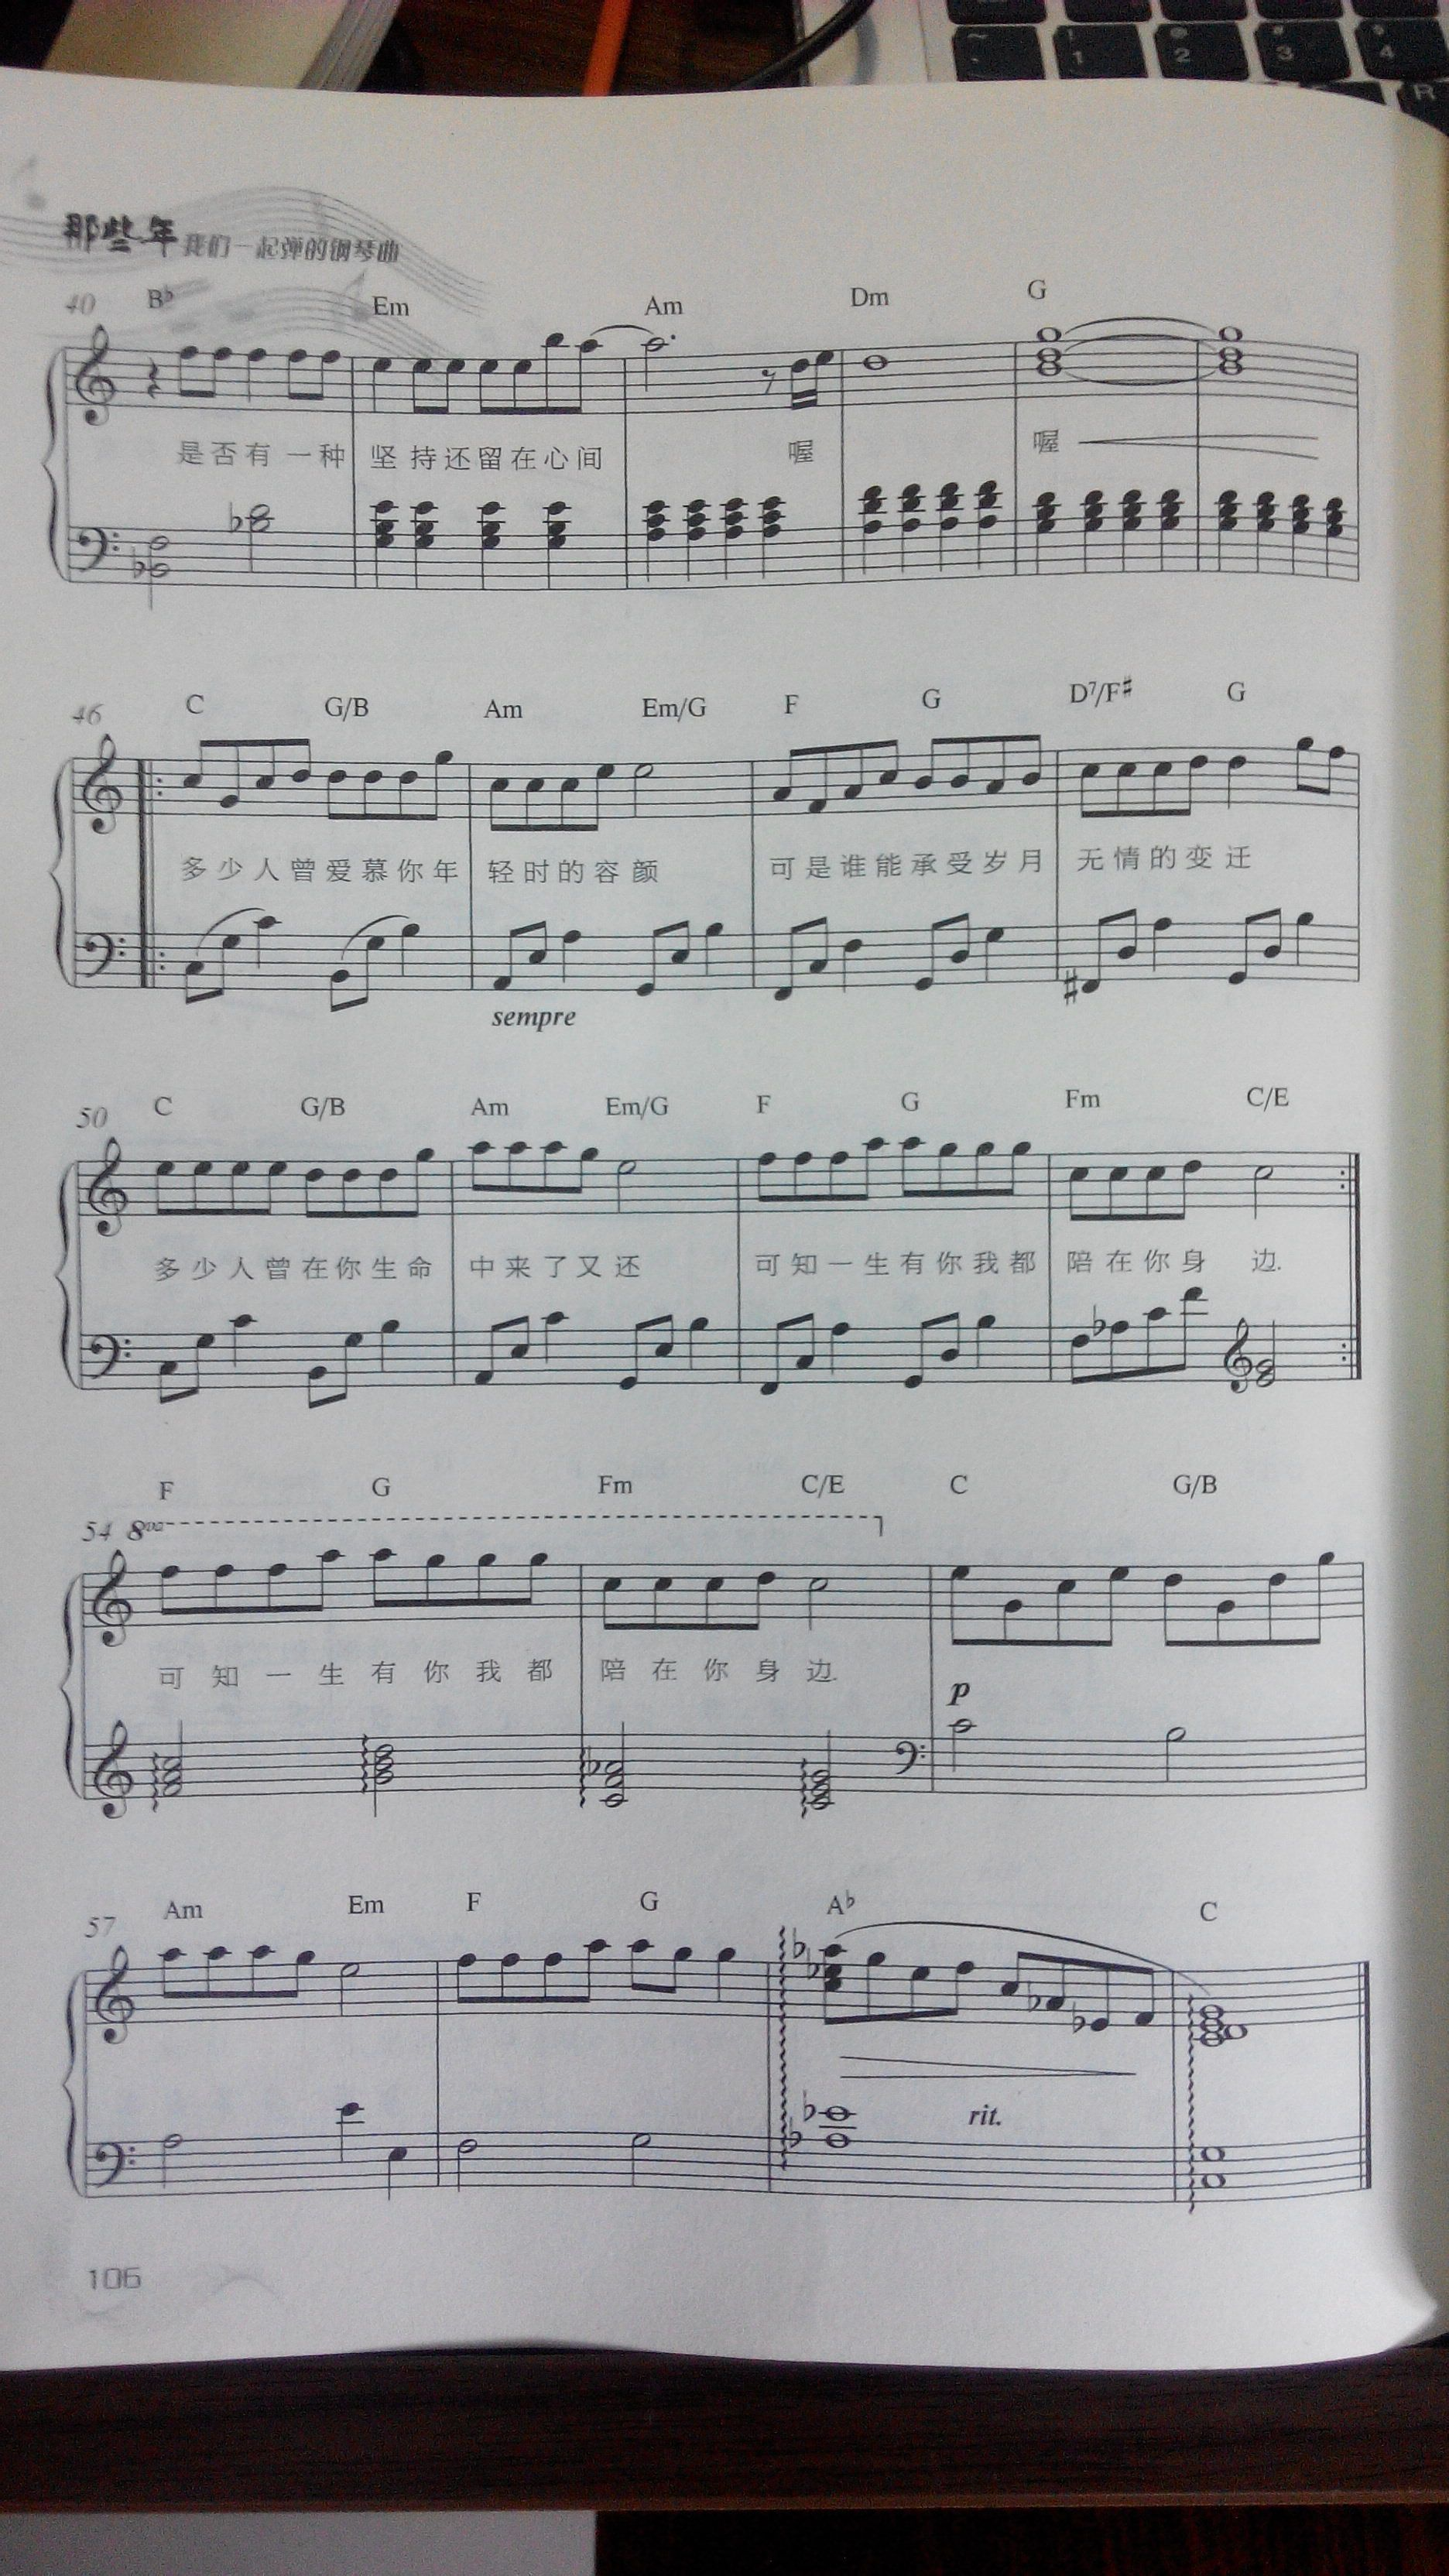 年少有你钢琴数字简谱图片